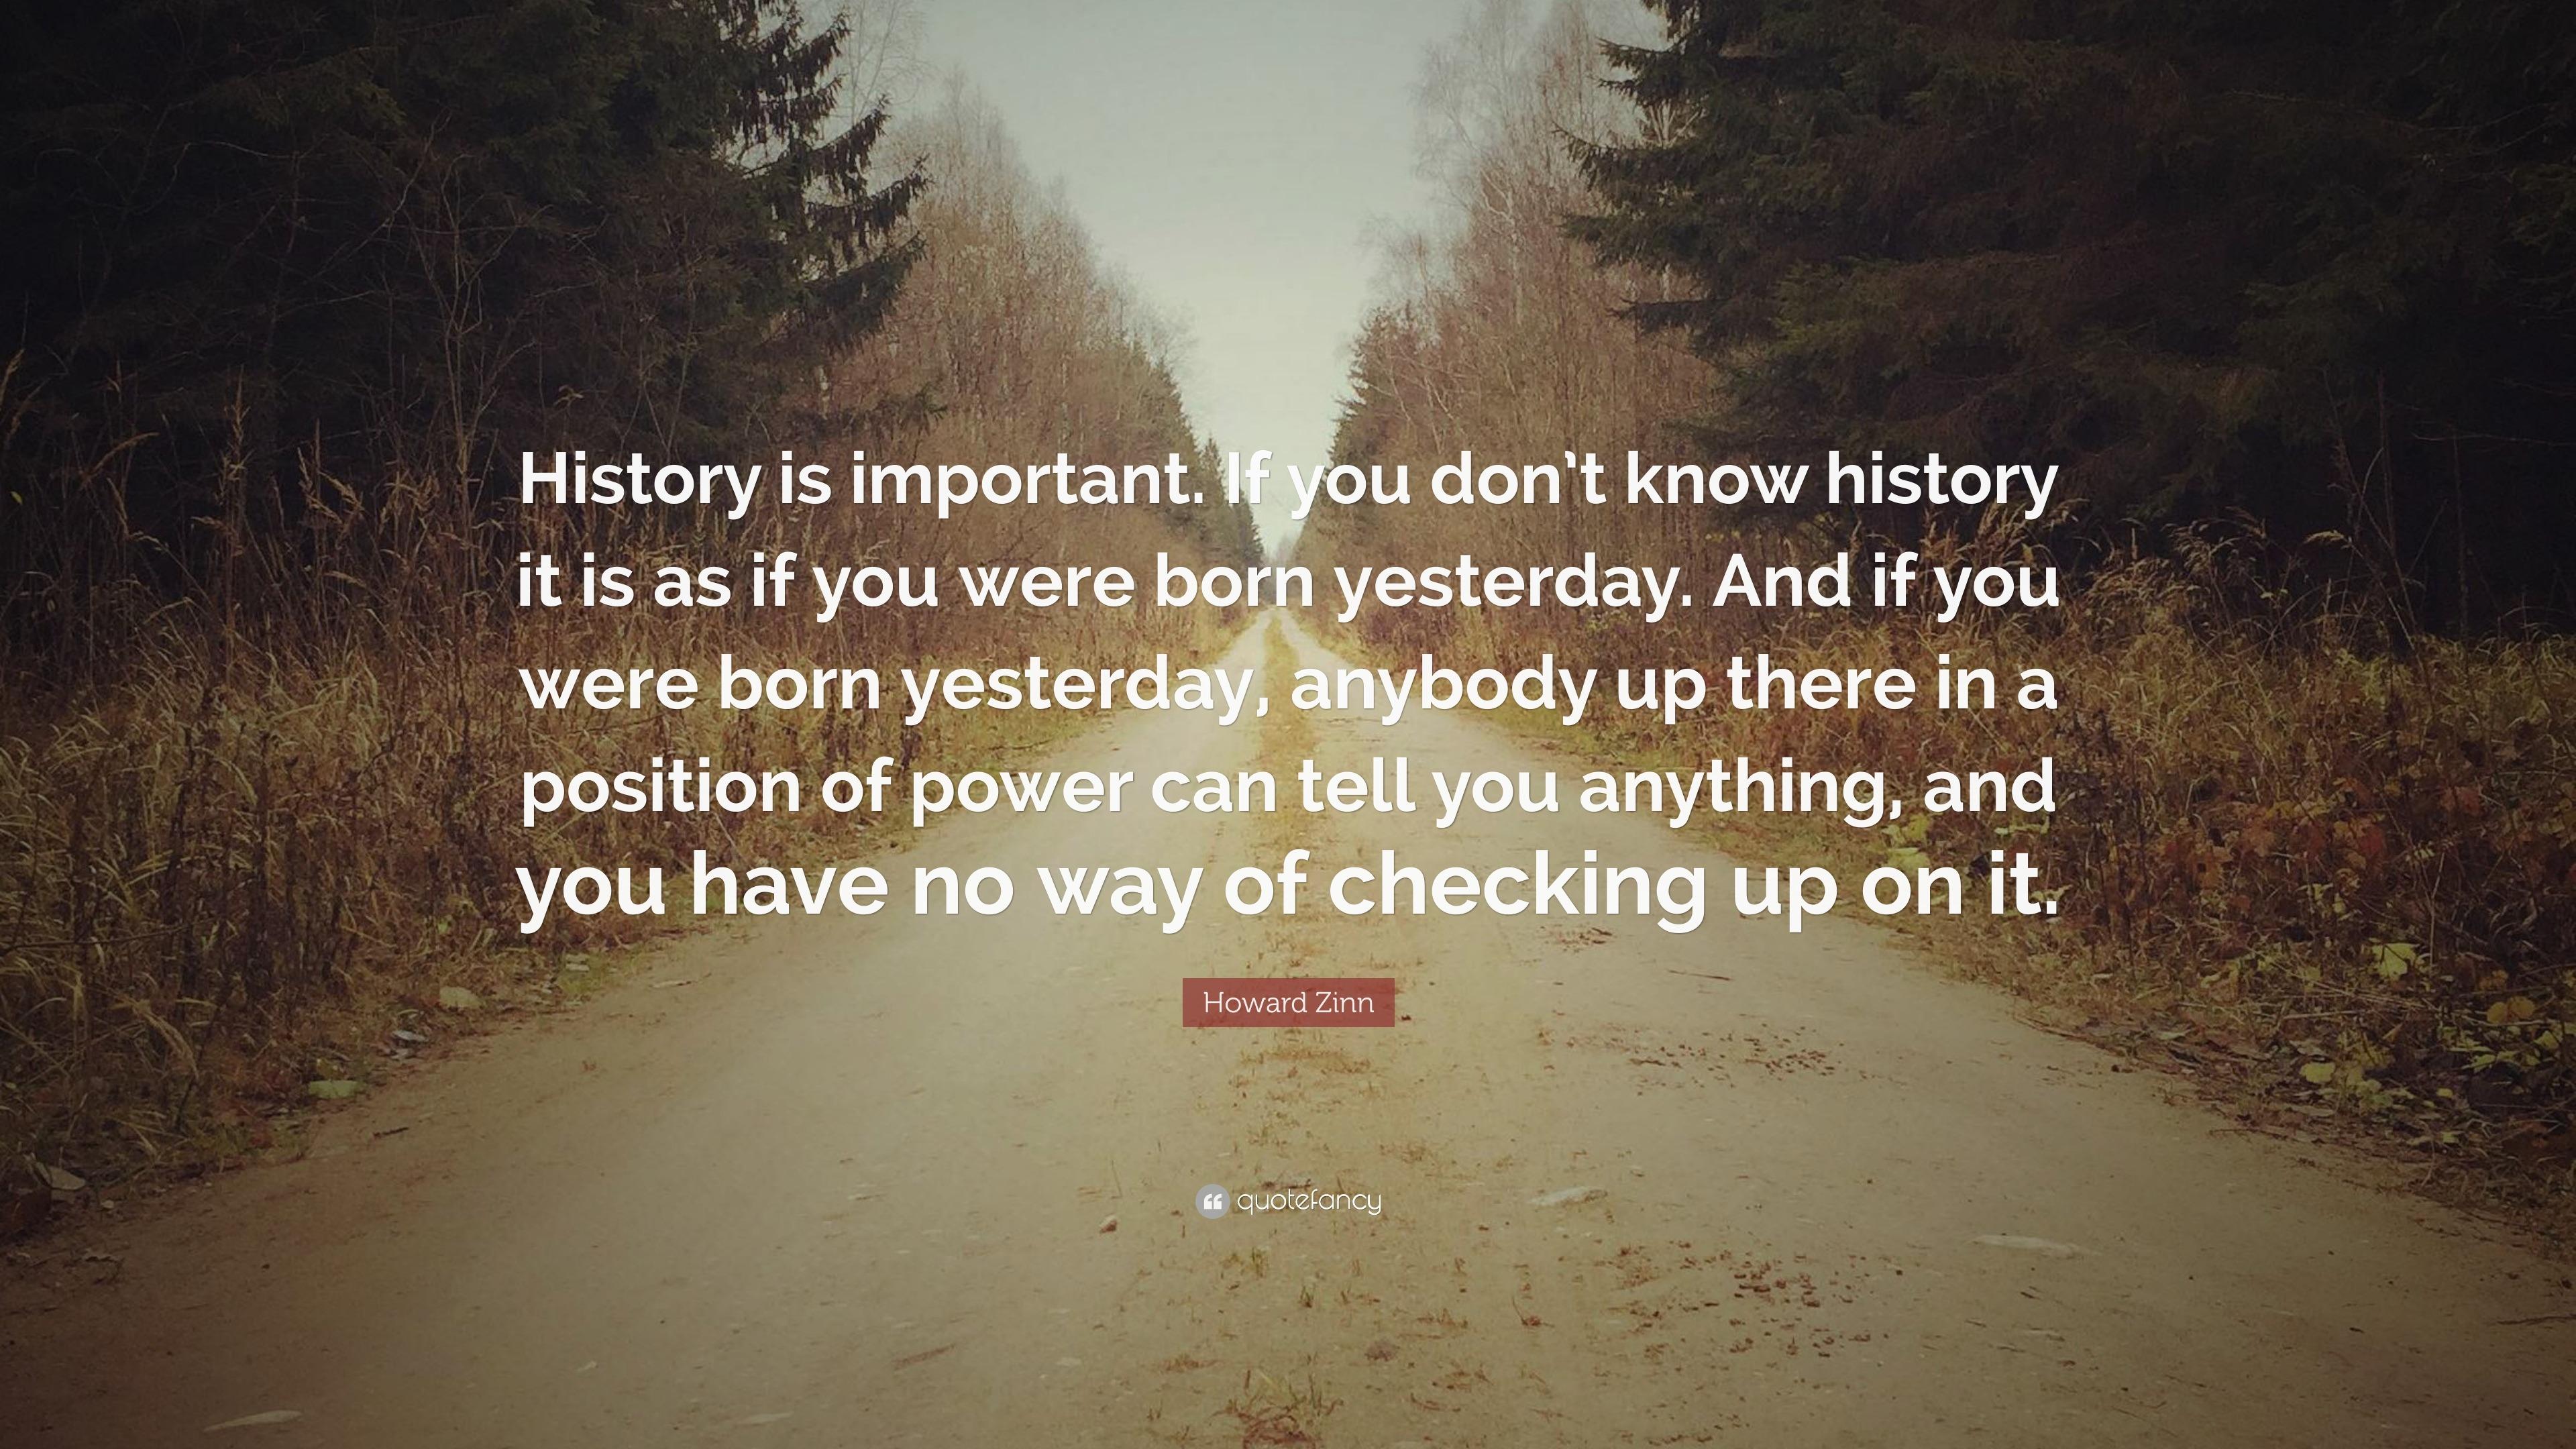 Howard Zinn Quotes (100 wallpapers) - Quotefancy